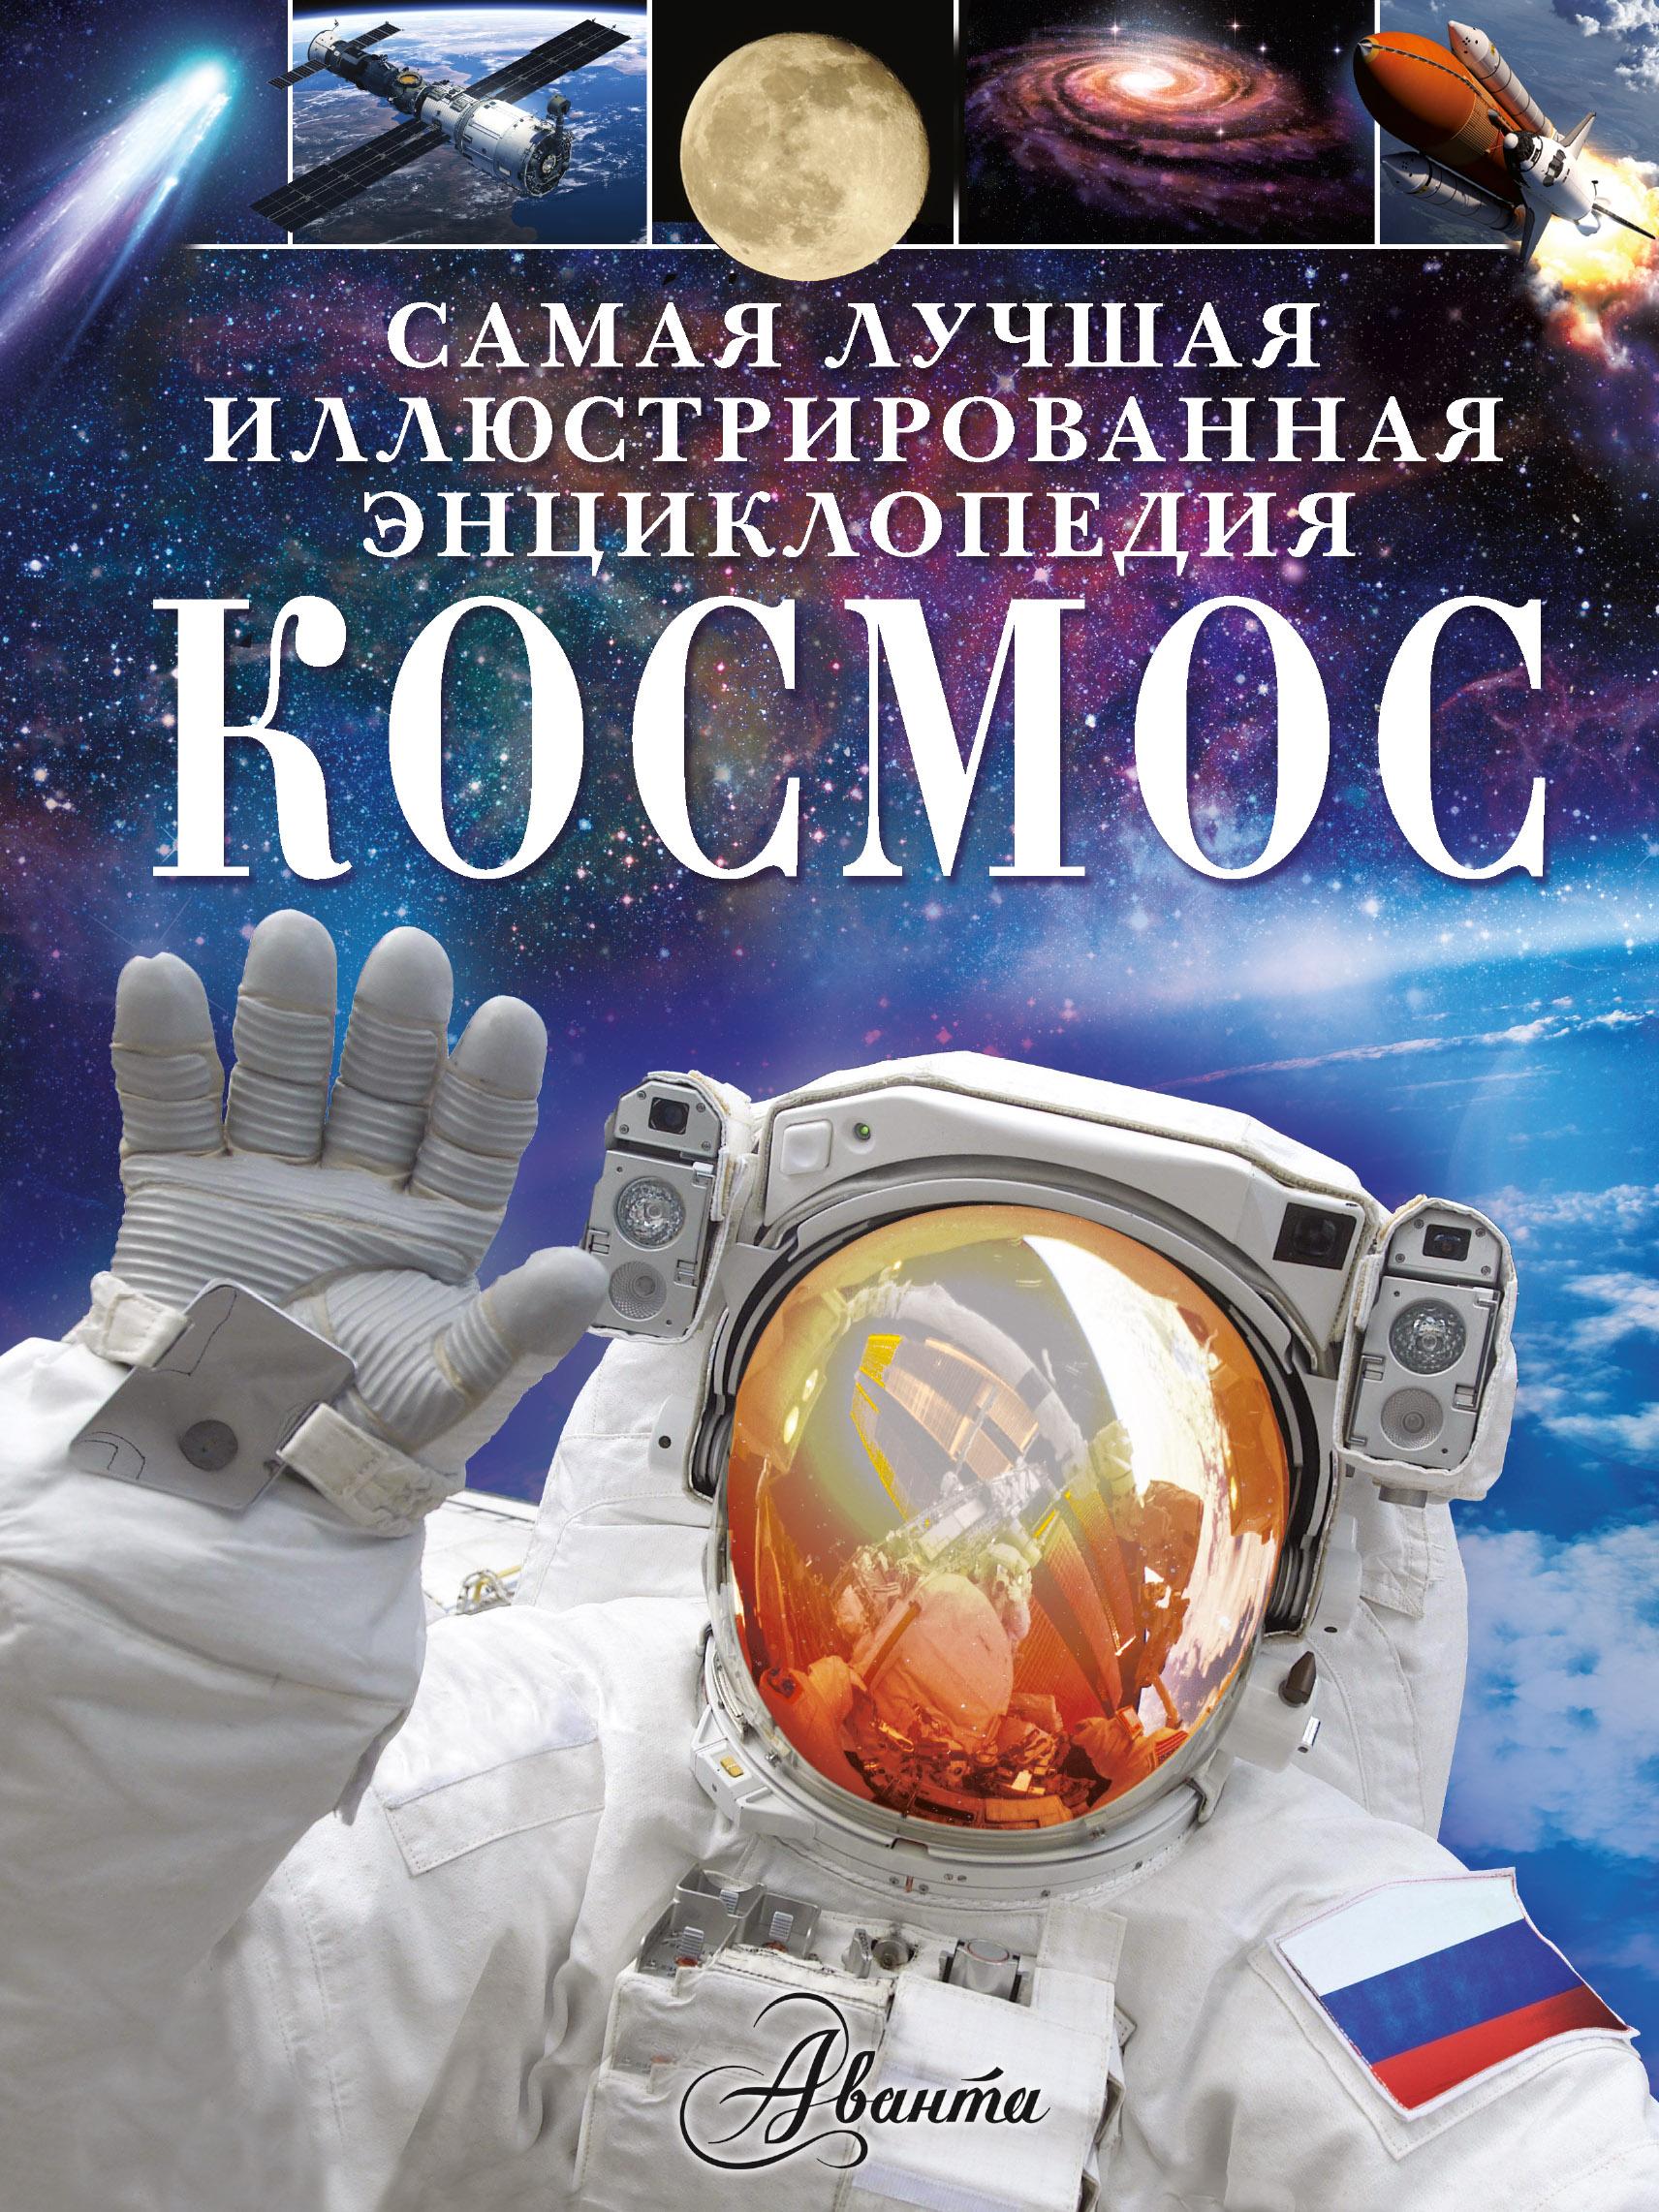 Фото - . Космос телескоп